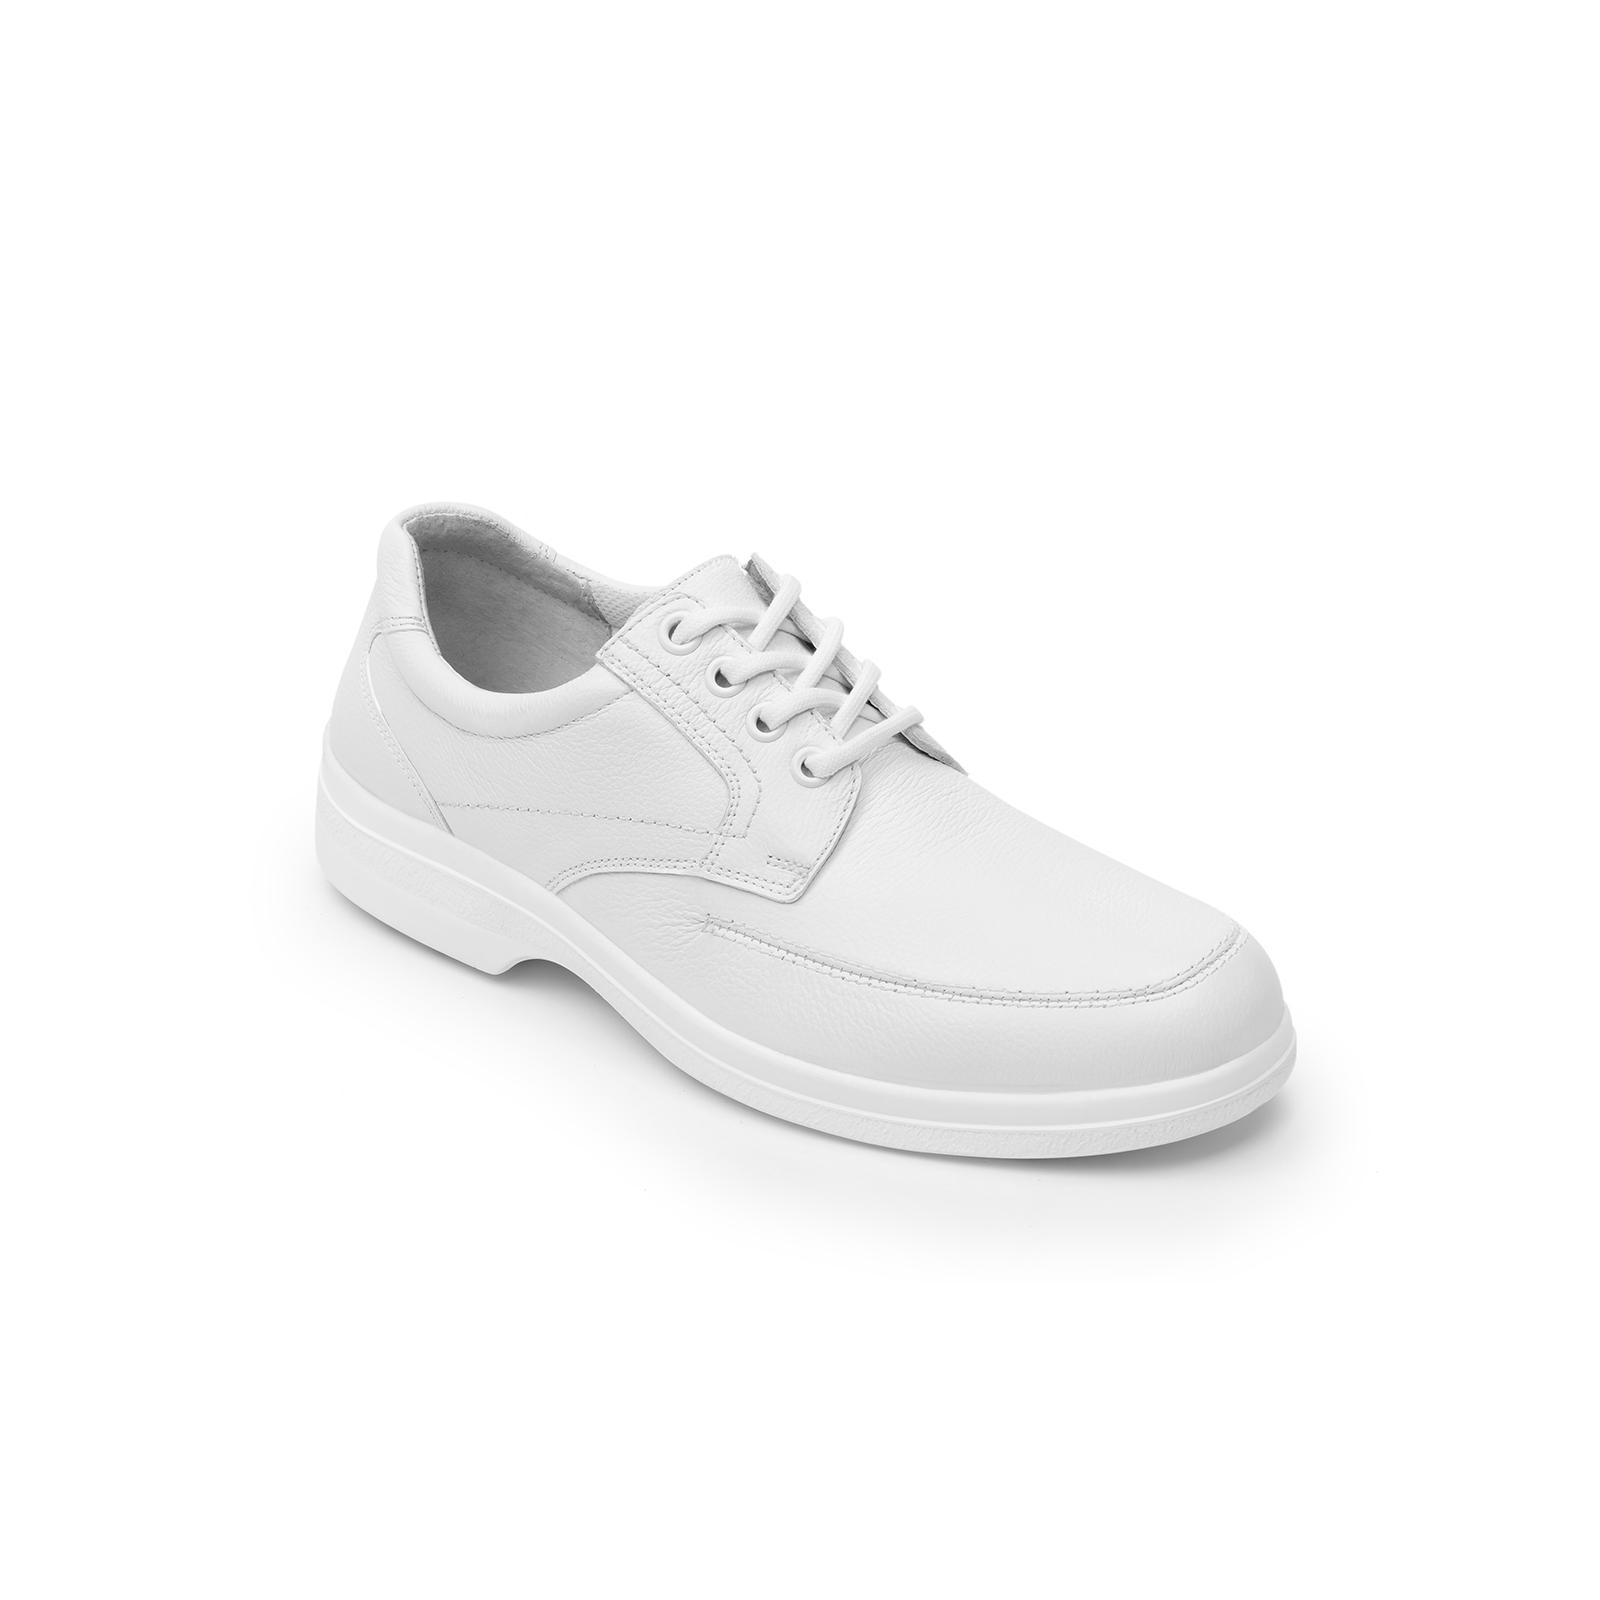 0735c52e Zapatos de servicio clínico Flexi - Zapatería Flexi México